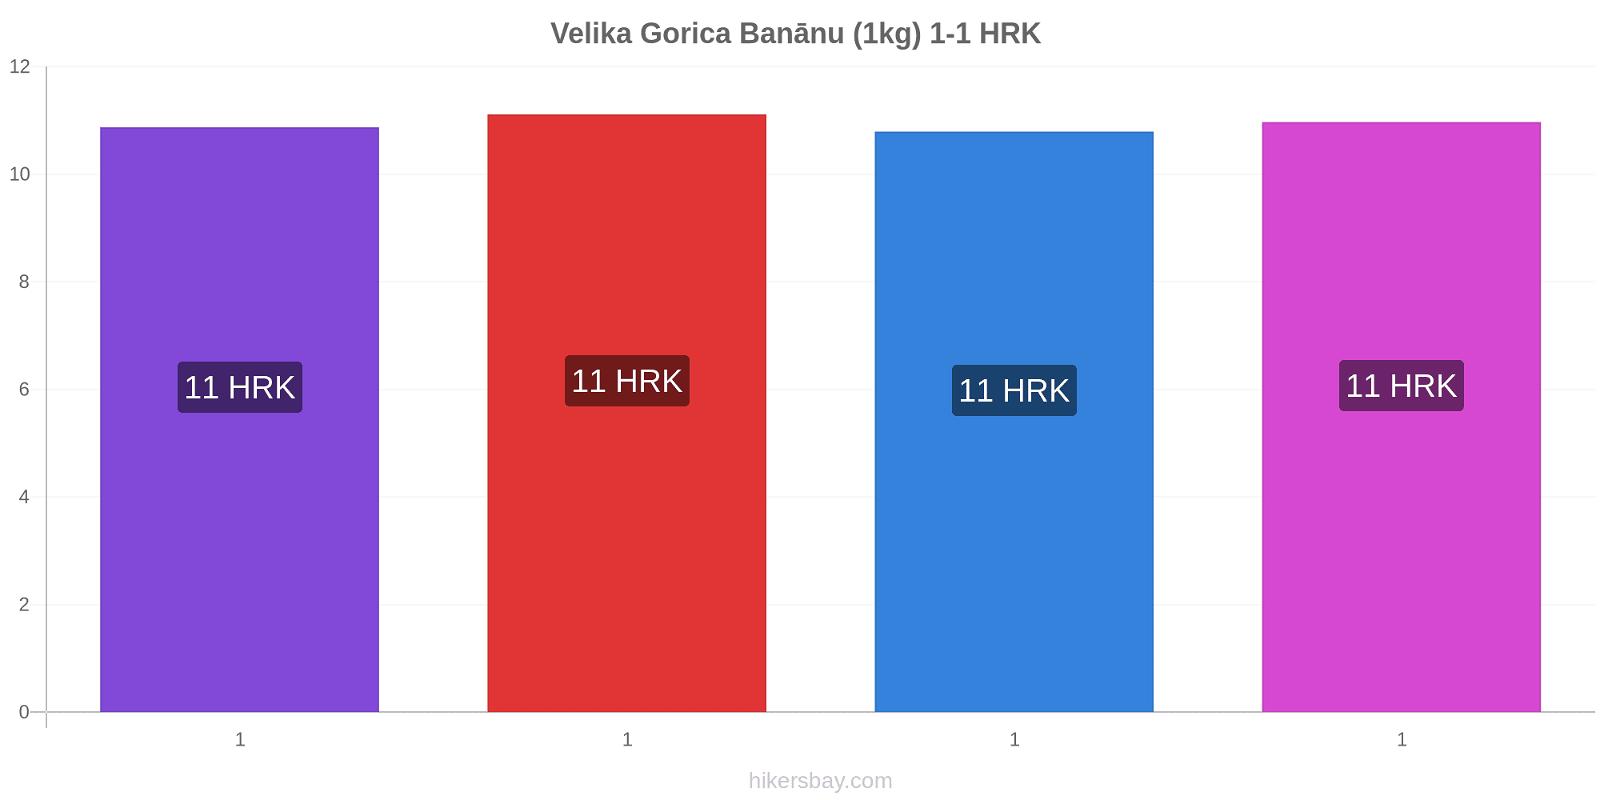 Velika Gorica cenu izmaiņas Banānu (1kg) hikersbay.com